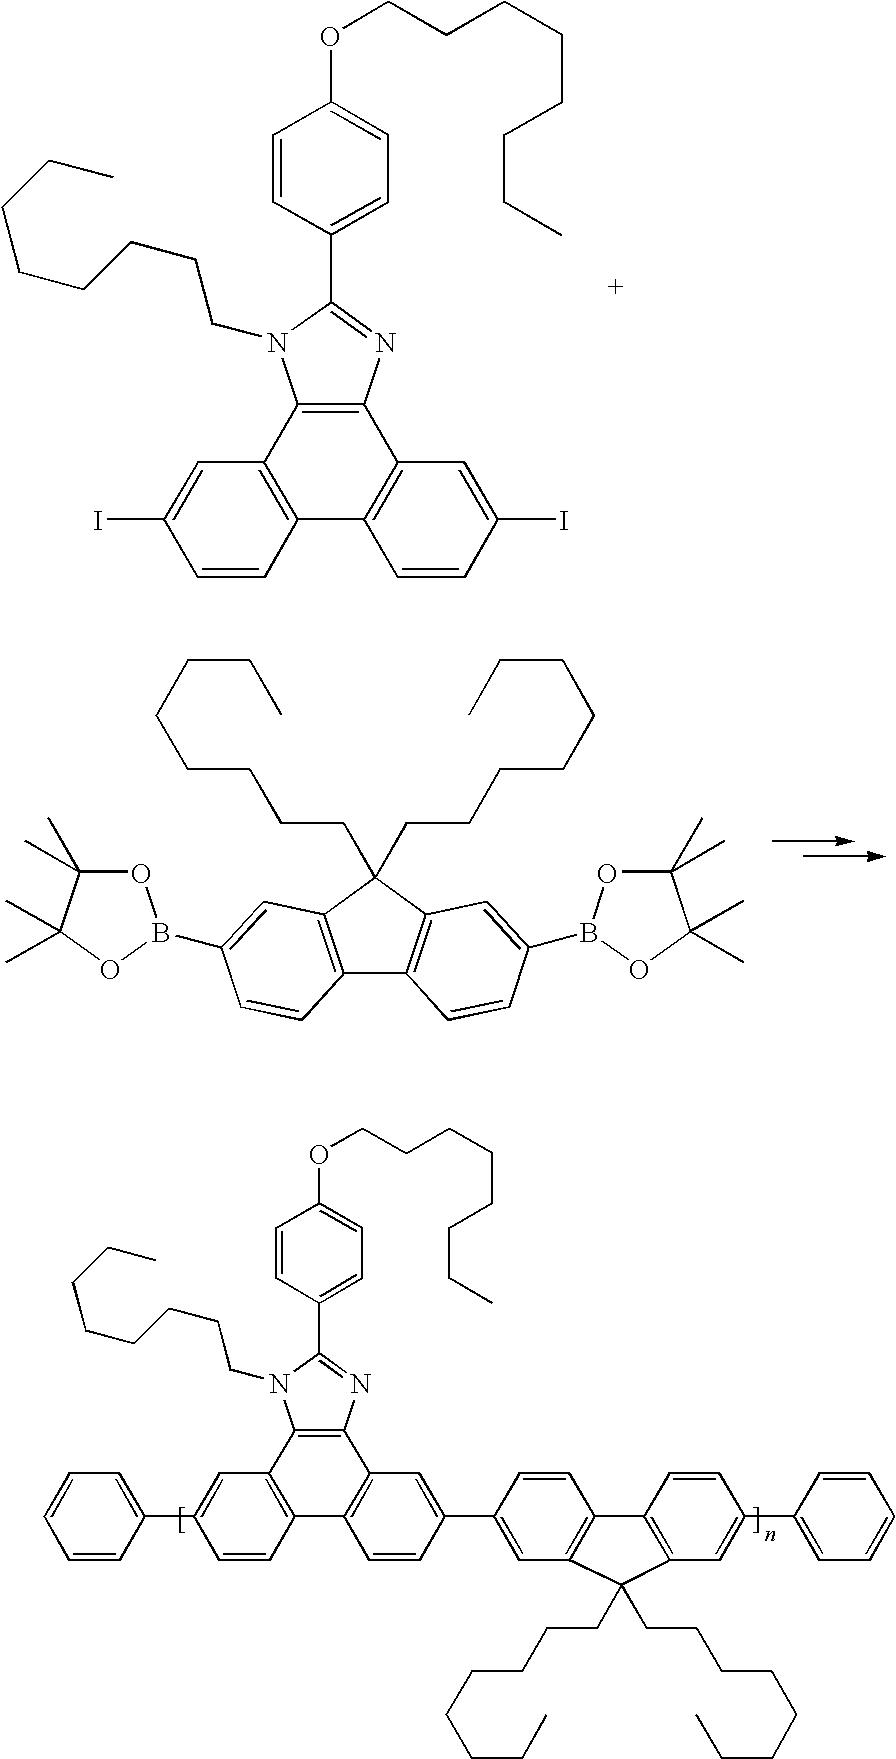 Figure US20090105447A1-20090423-C00174